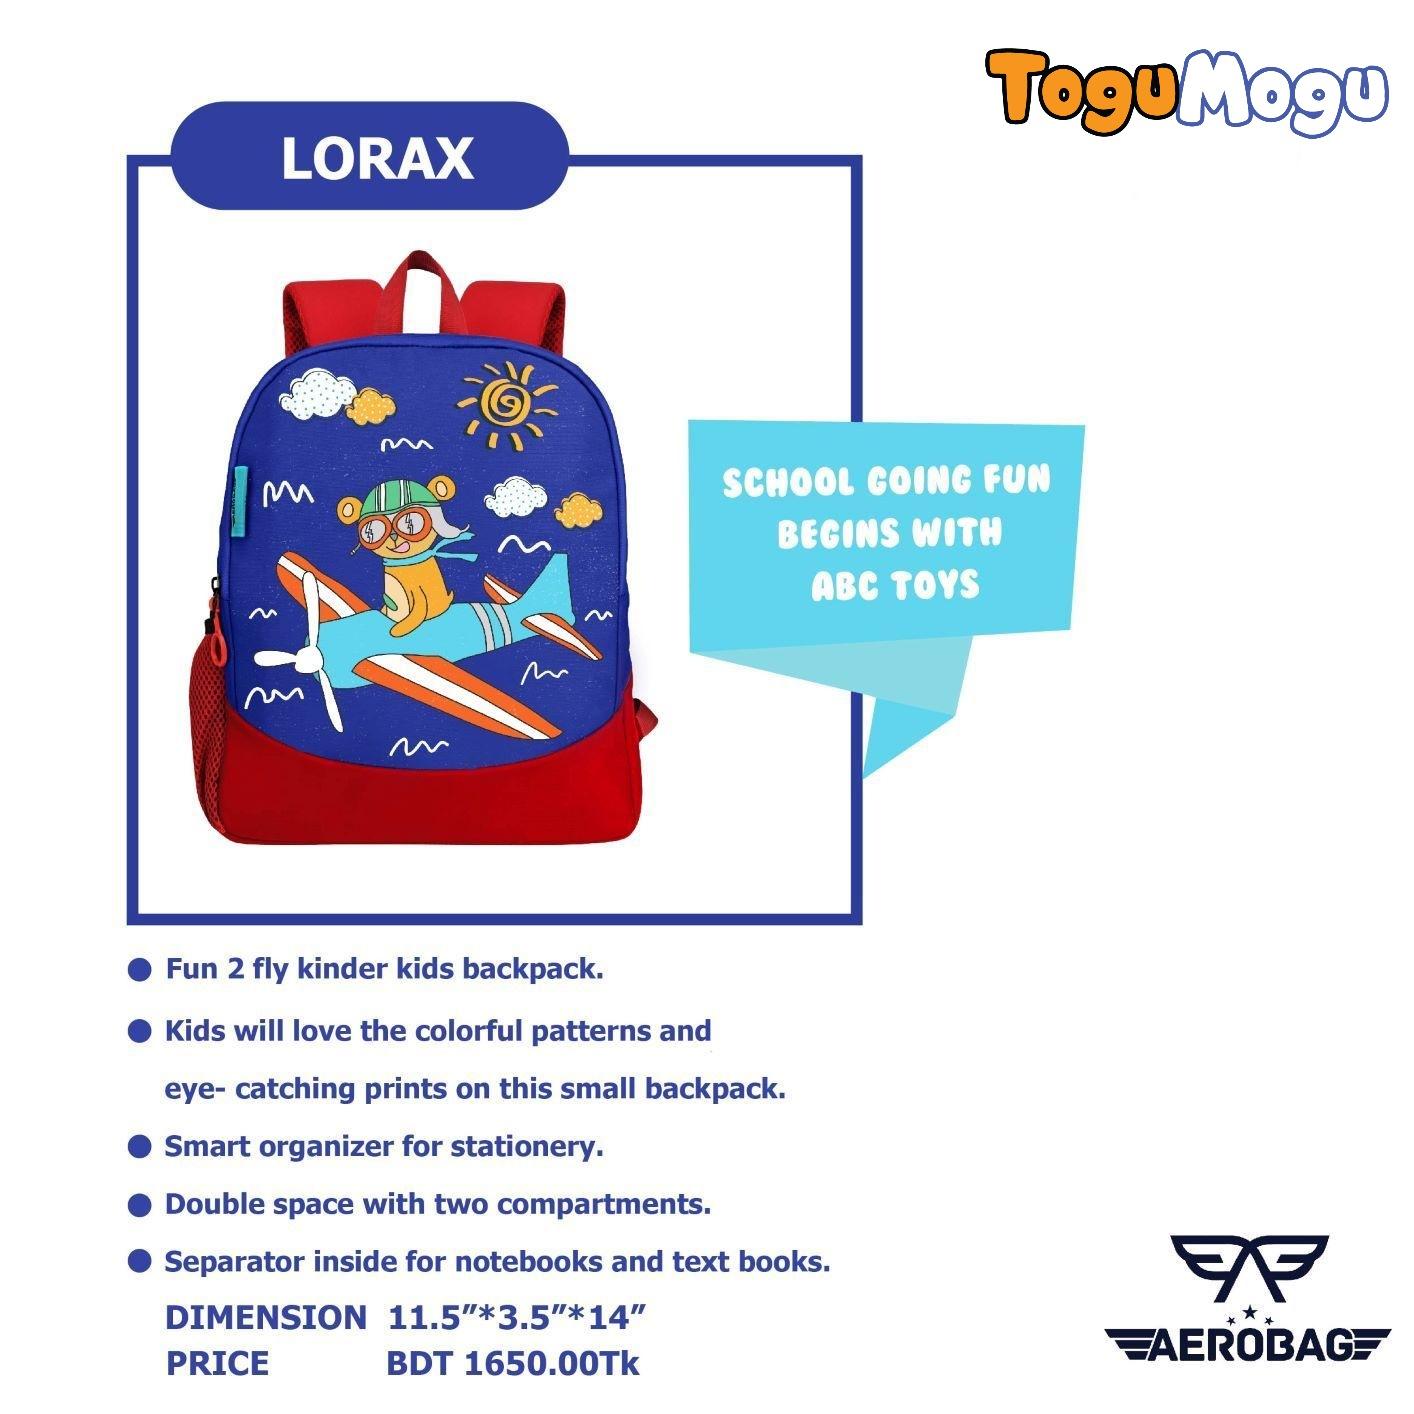 AEROBAG AER010 Lorax Aircraft